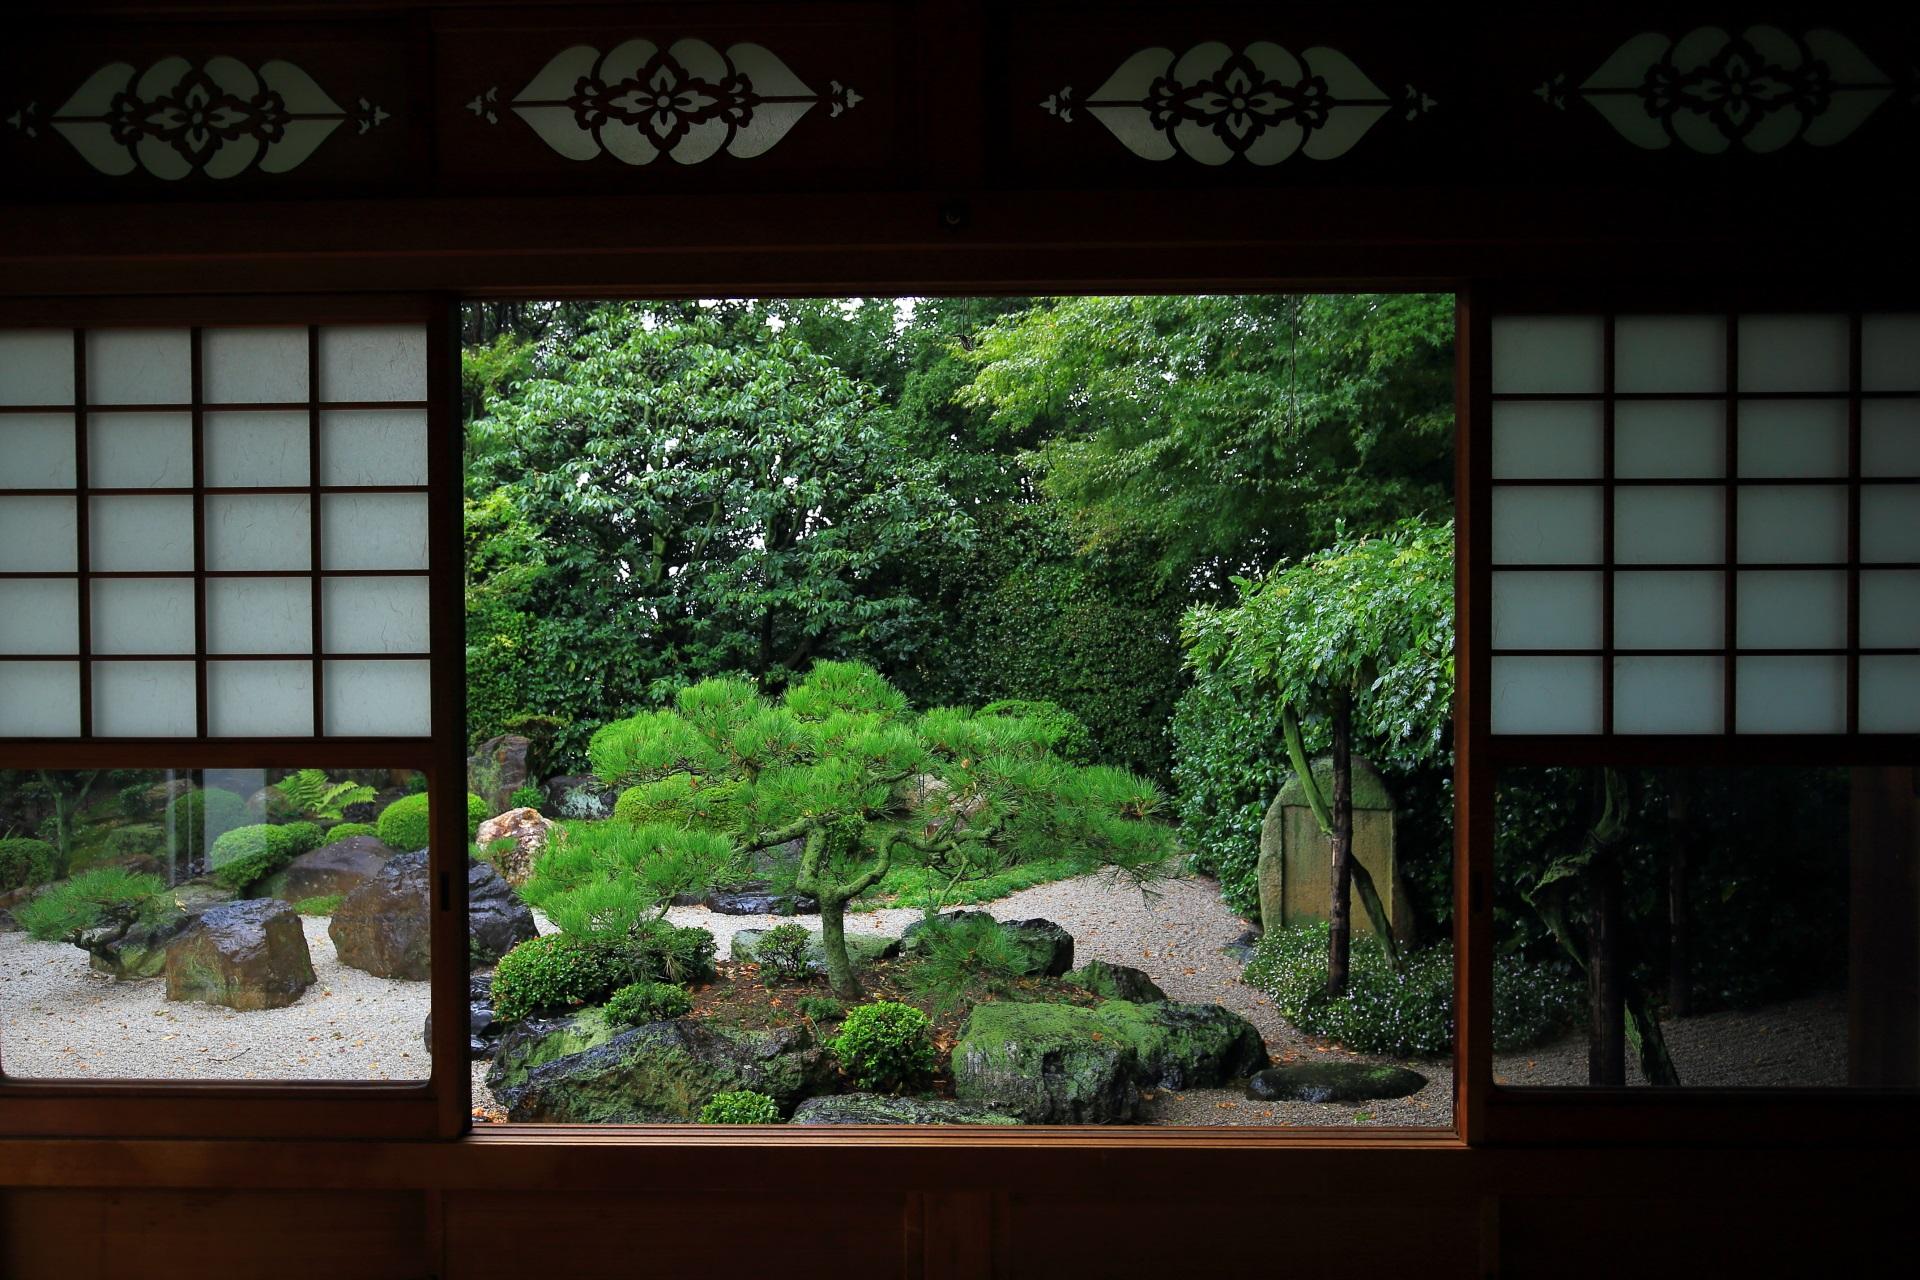 御香宮神社の枯山水庭園